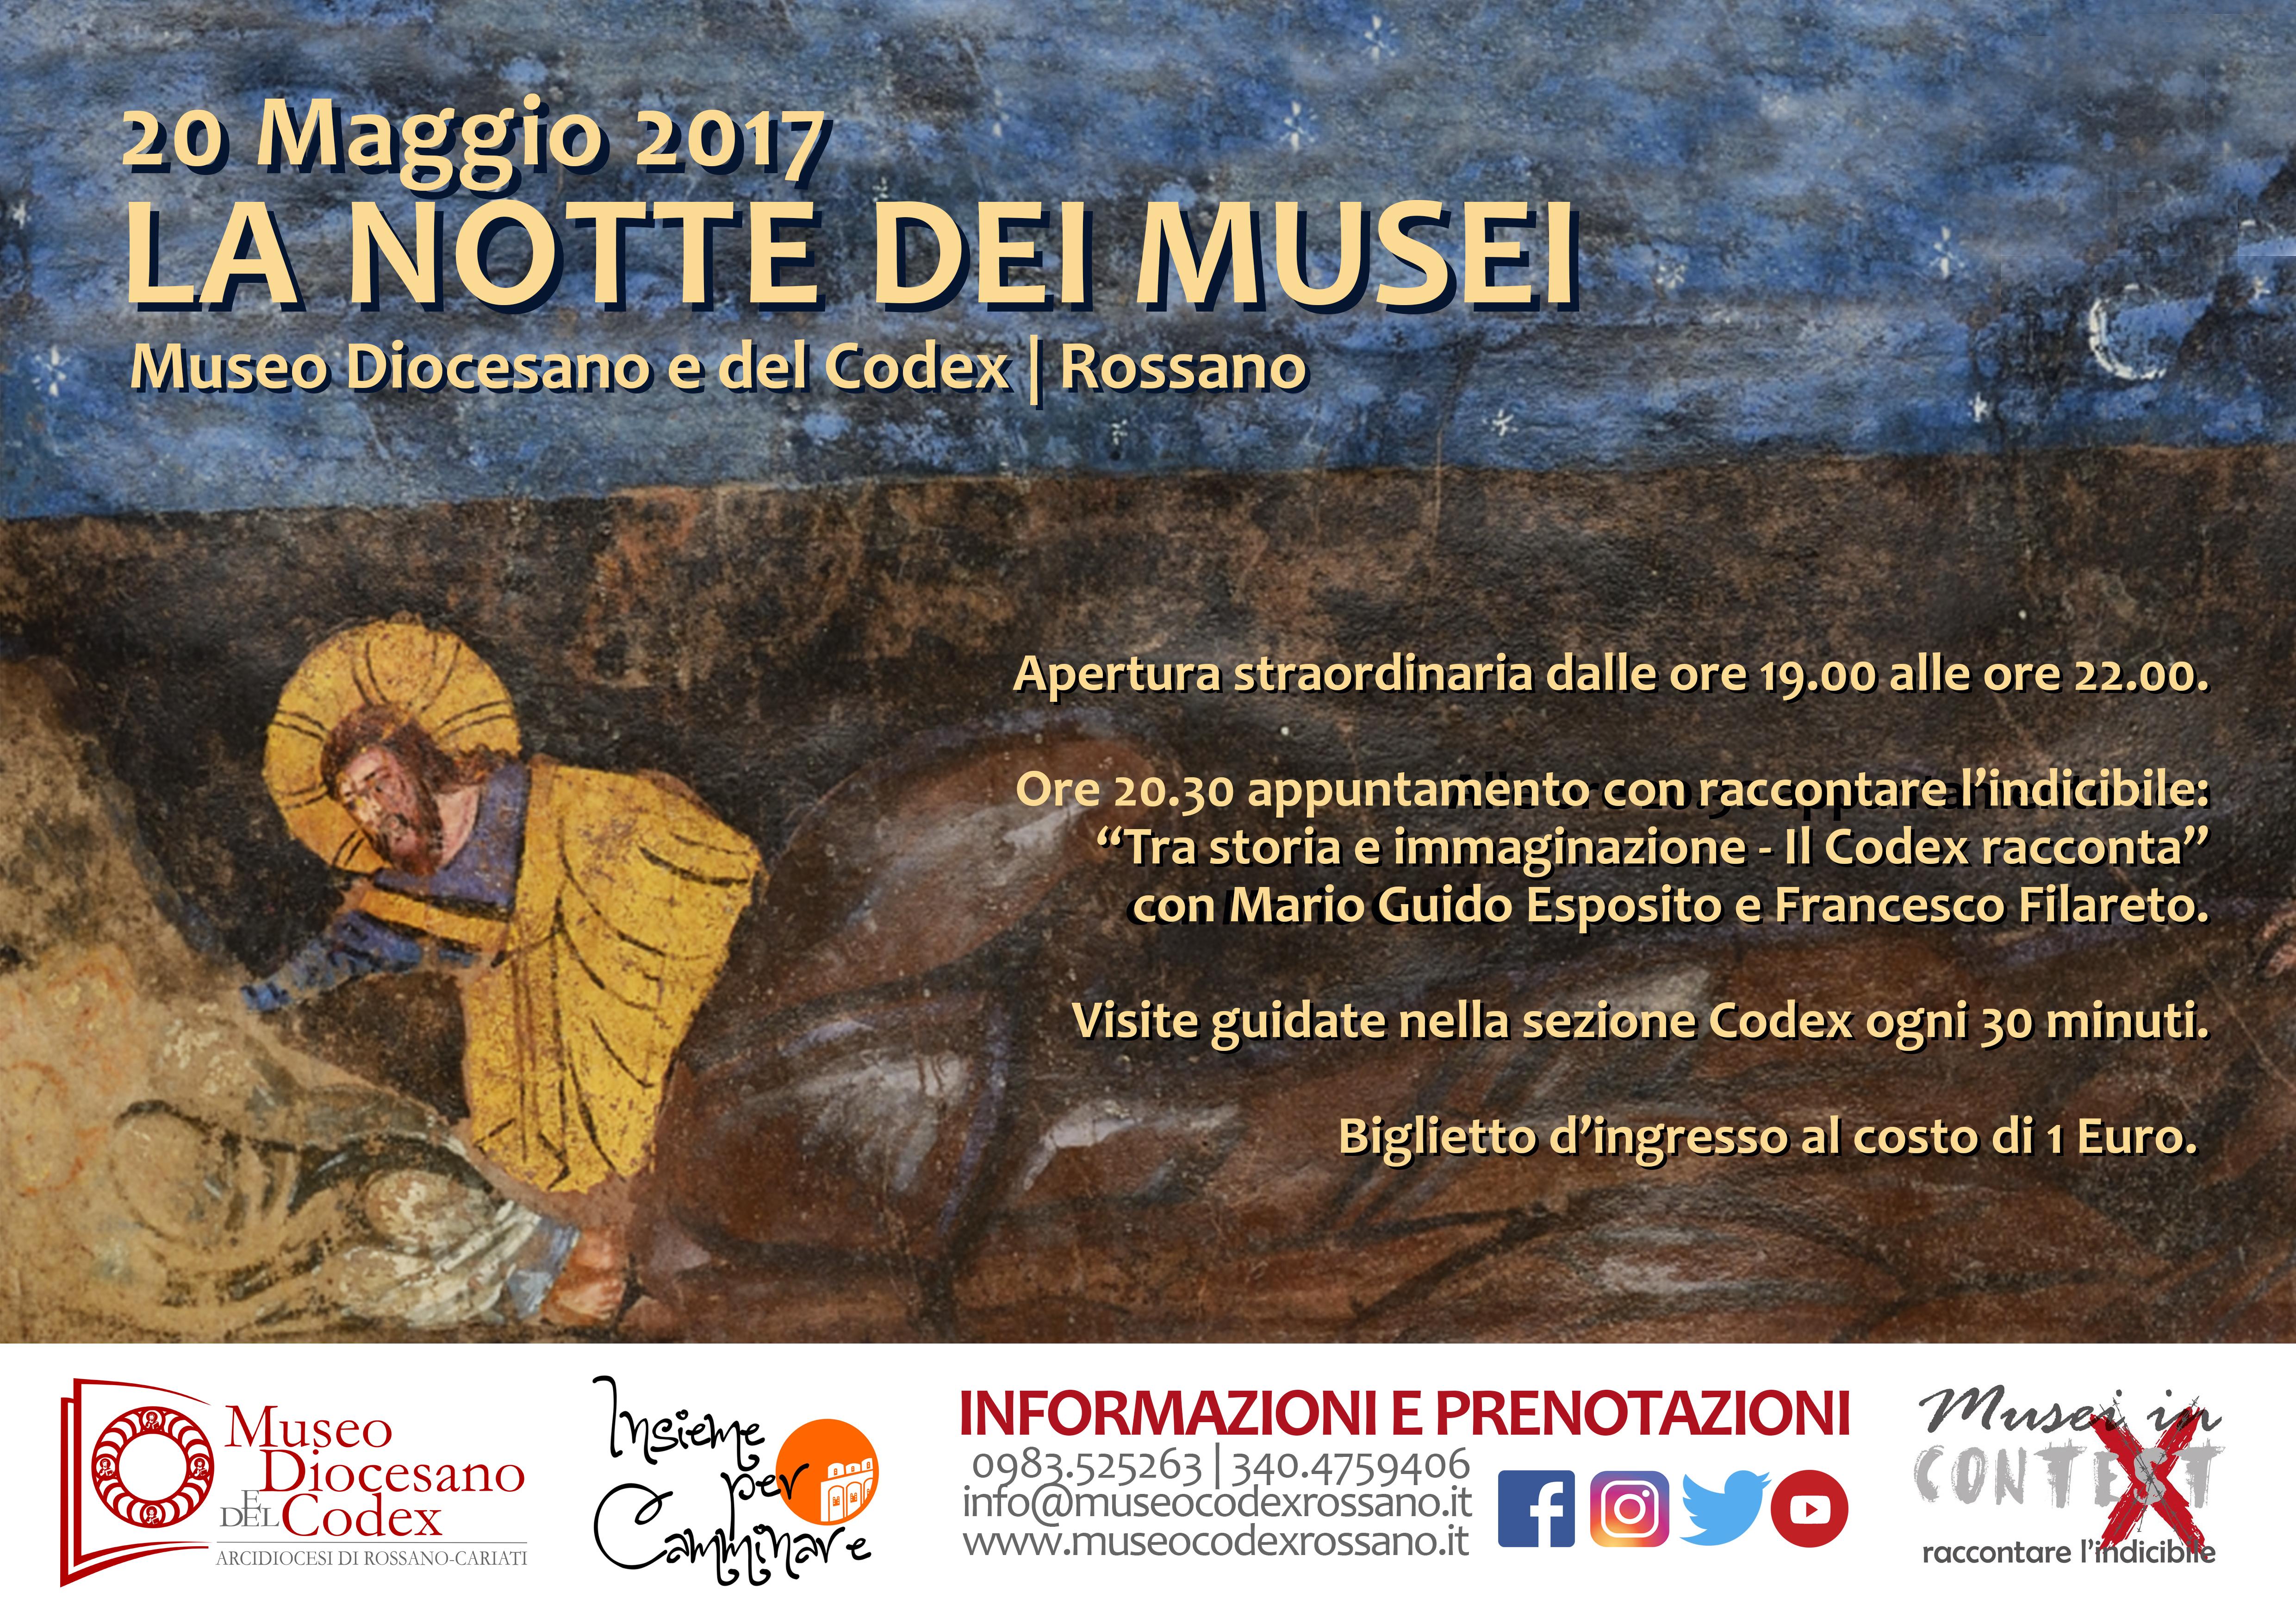 Notte dei Musei 2017 - Il Museo Diocesano e del Codex racconta l'indicibile.